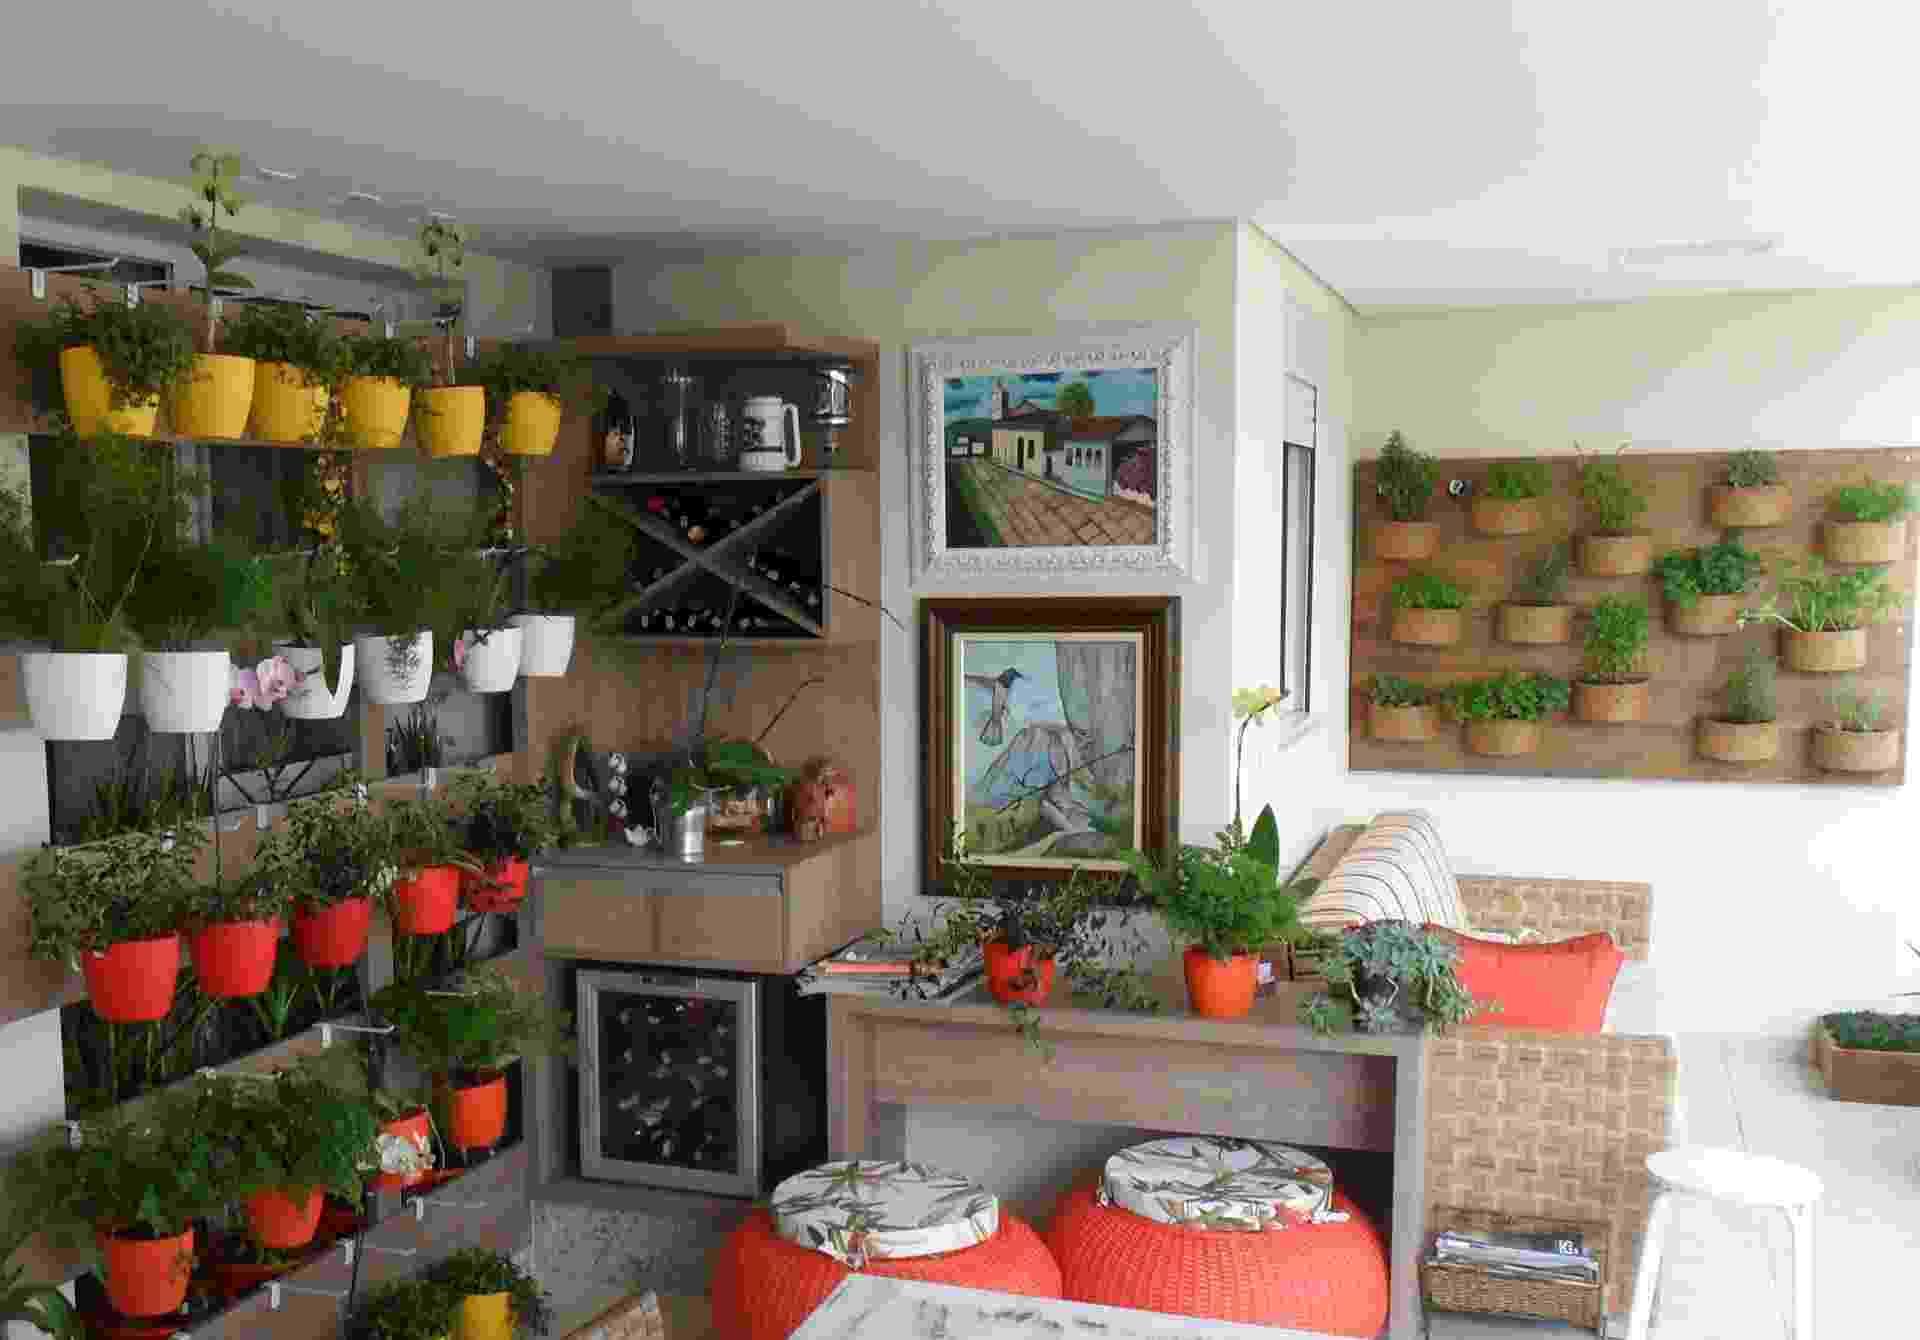 Este projeto do paisagista Eduardo Luppi possui vasos distribuídos em dois painéis nas paredes. O painel de fibra de coco (à dir.) tem temperos como manjericão, salvia, alecrim e cebolinha - Divulgação